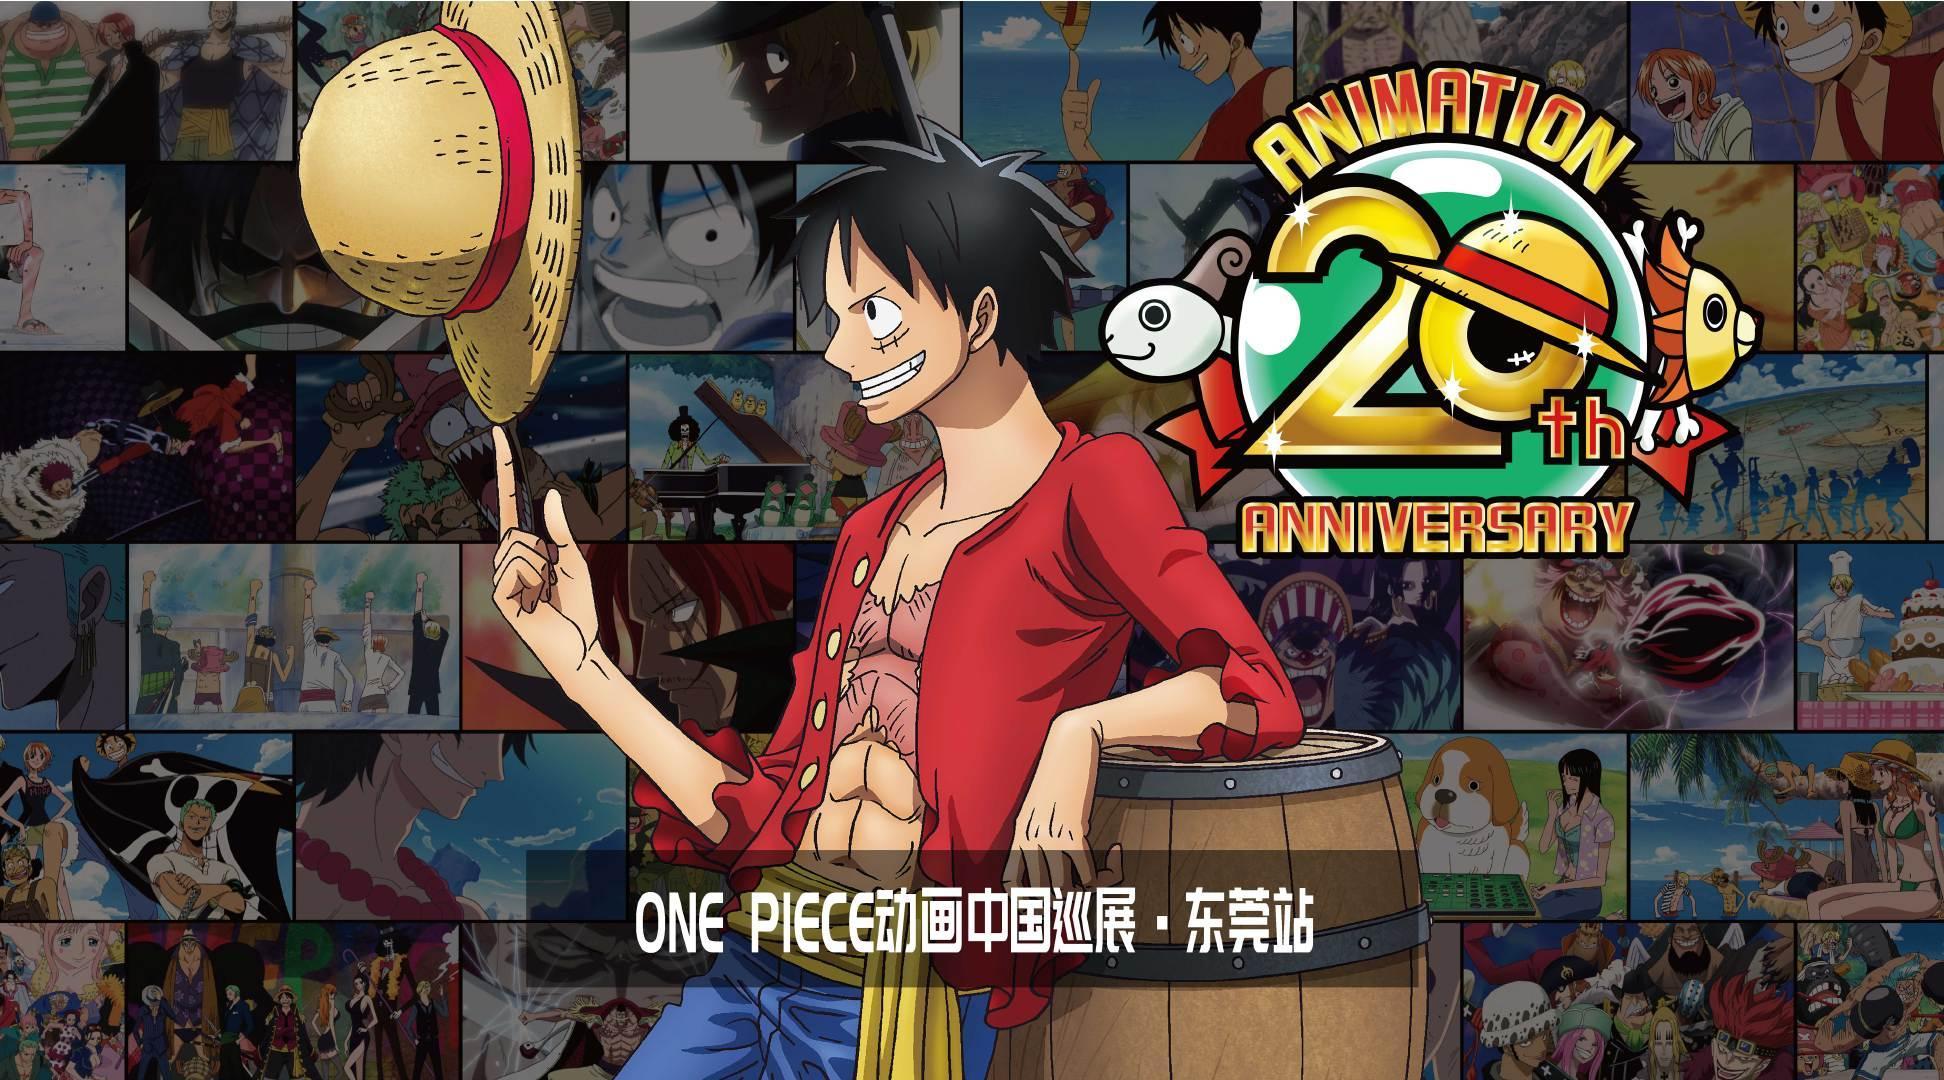 《航海王》动画开播20周年,ONE PIECE动画官方展览首次登陆中国!首场东莞站!